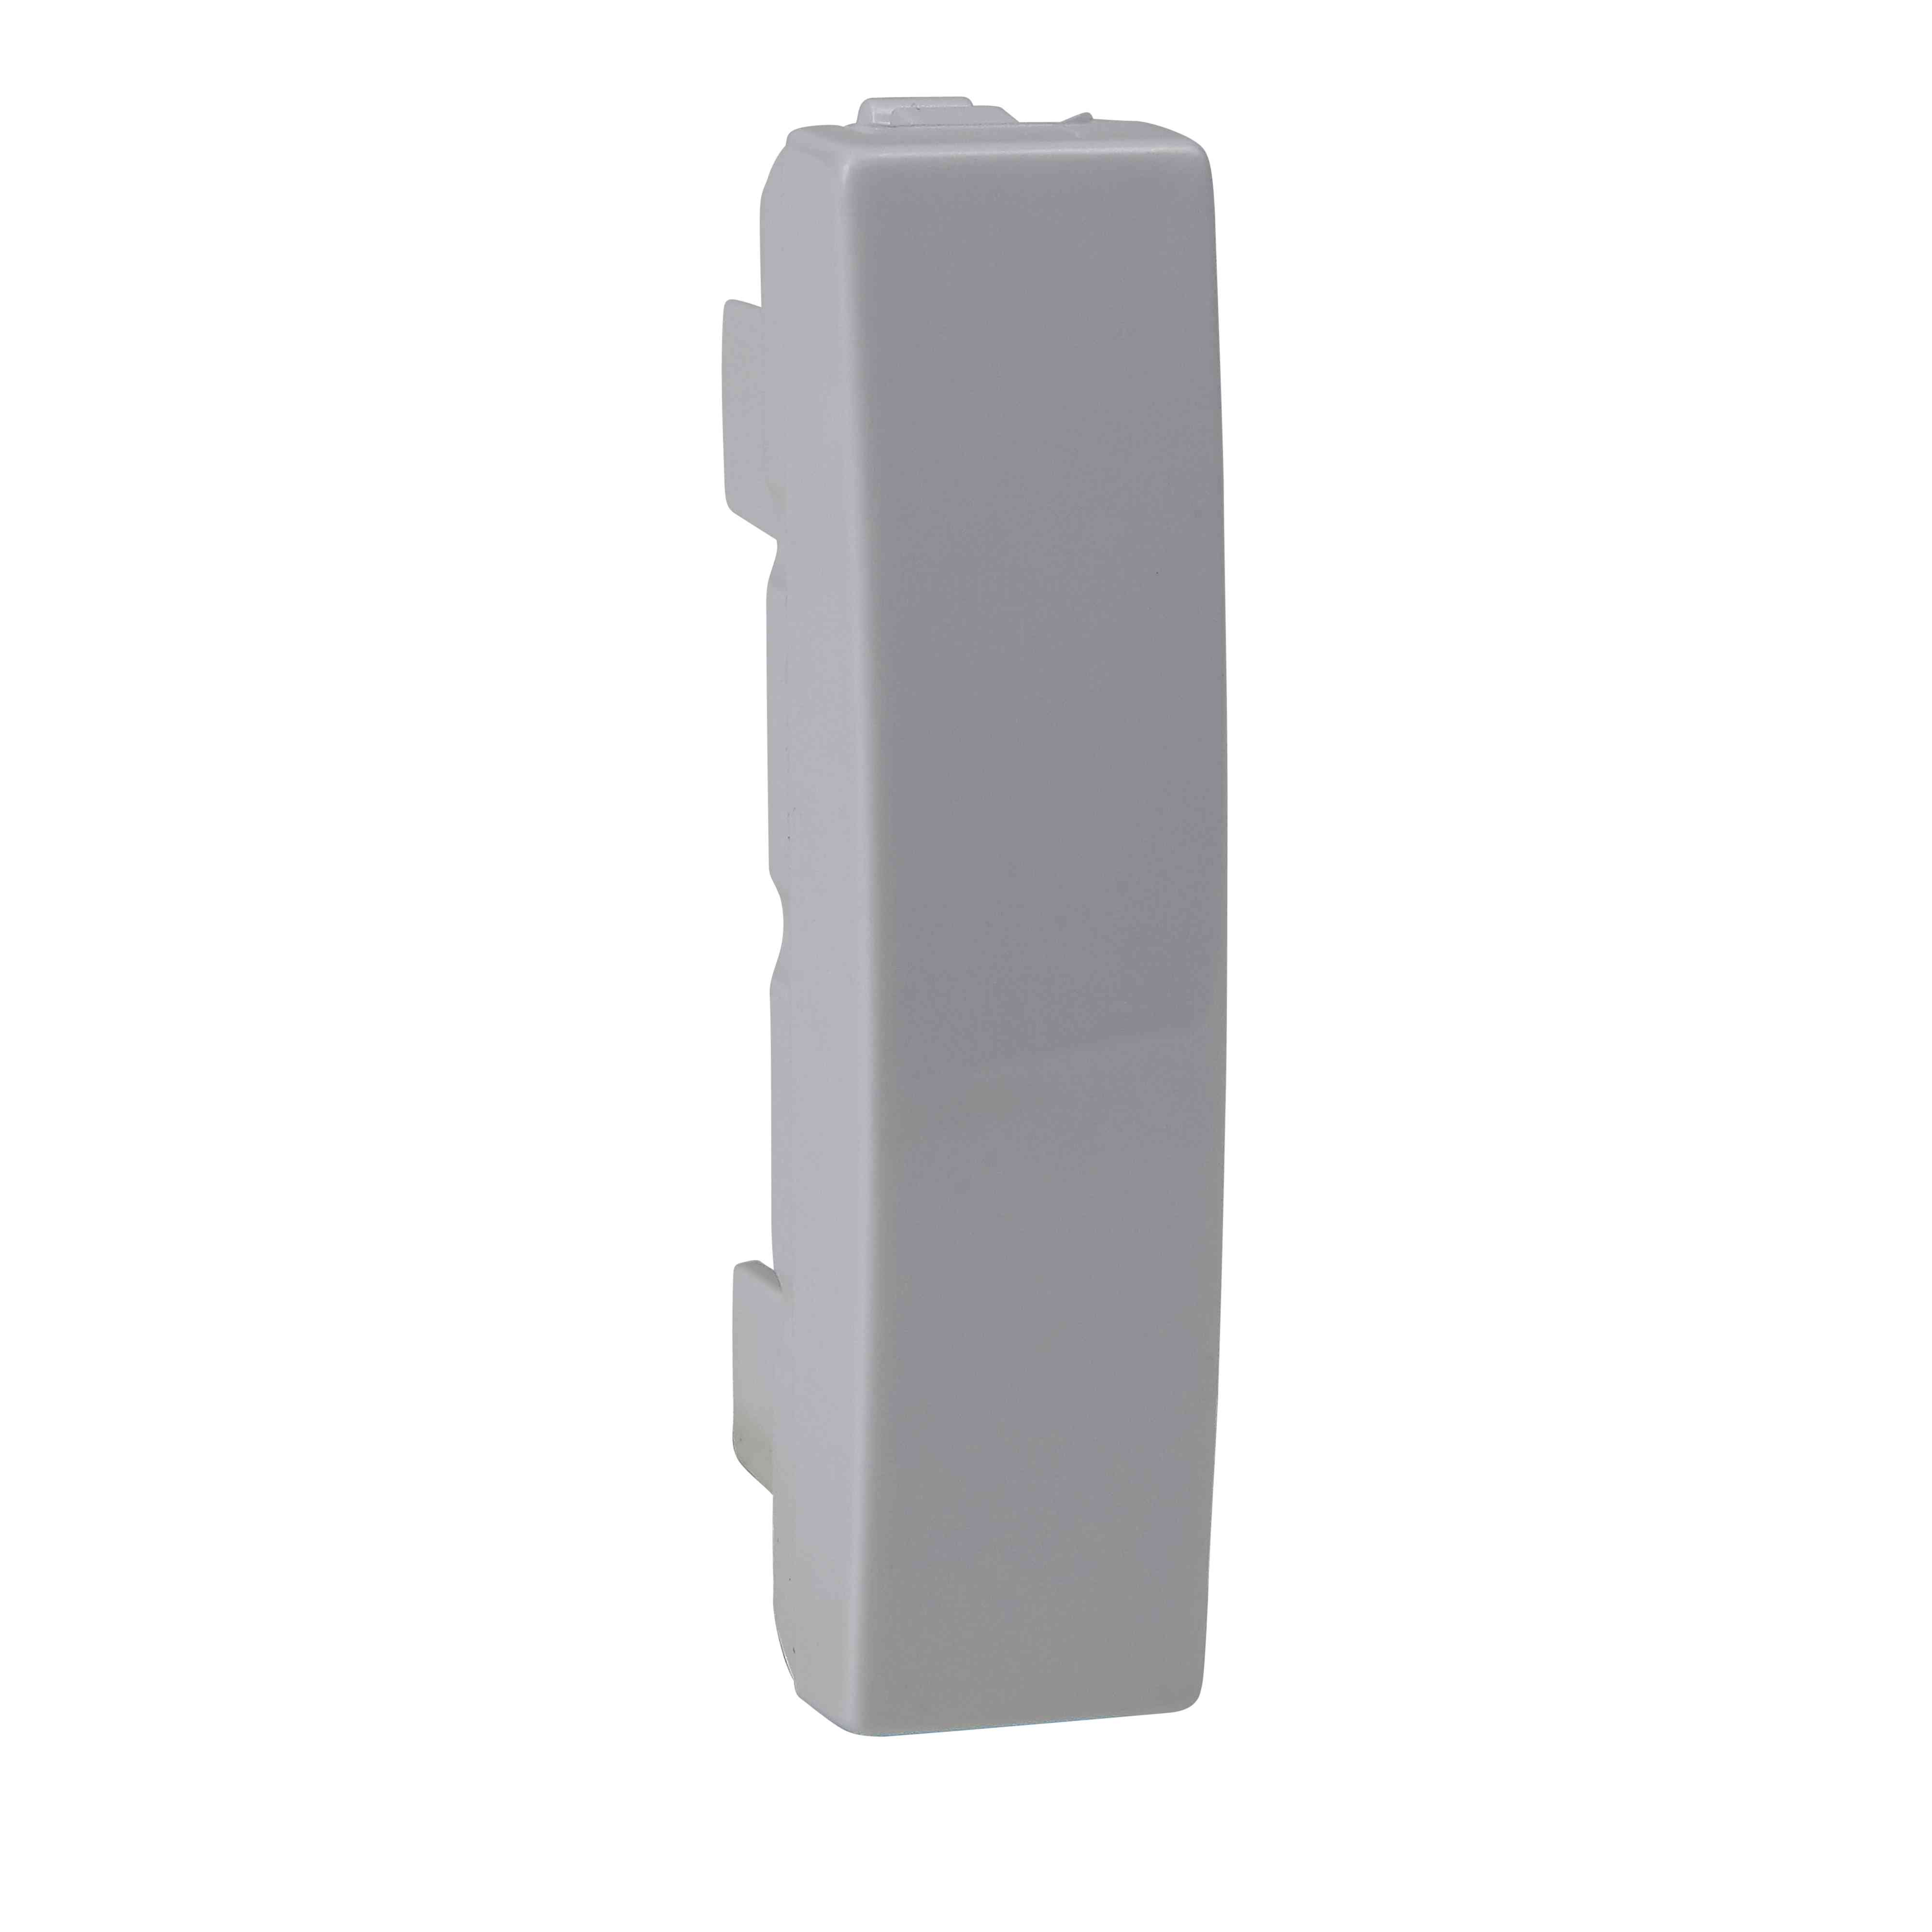 Unica - slepi pokrov/element - 0,5 m - bel